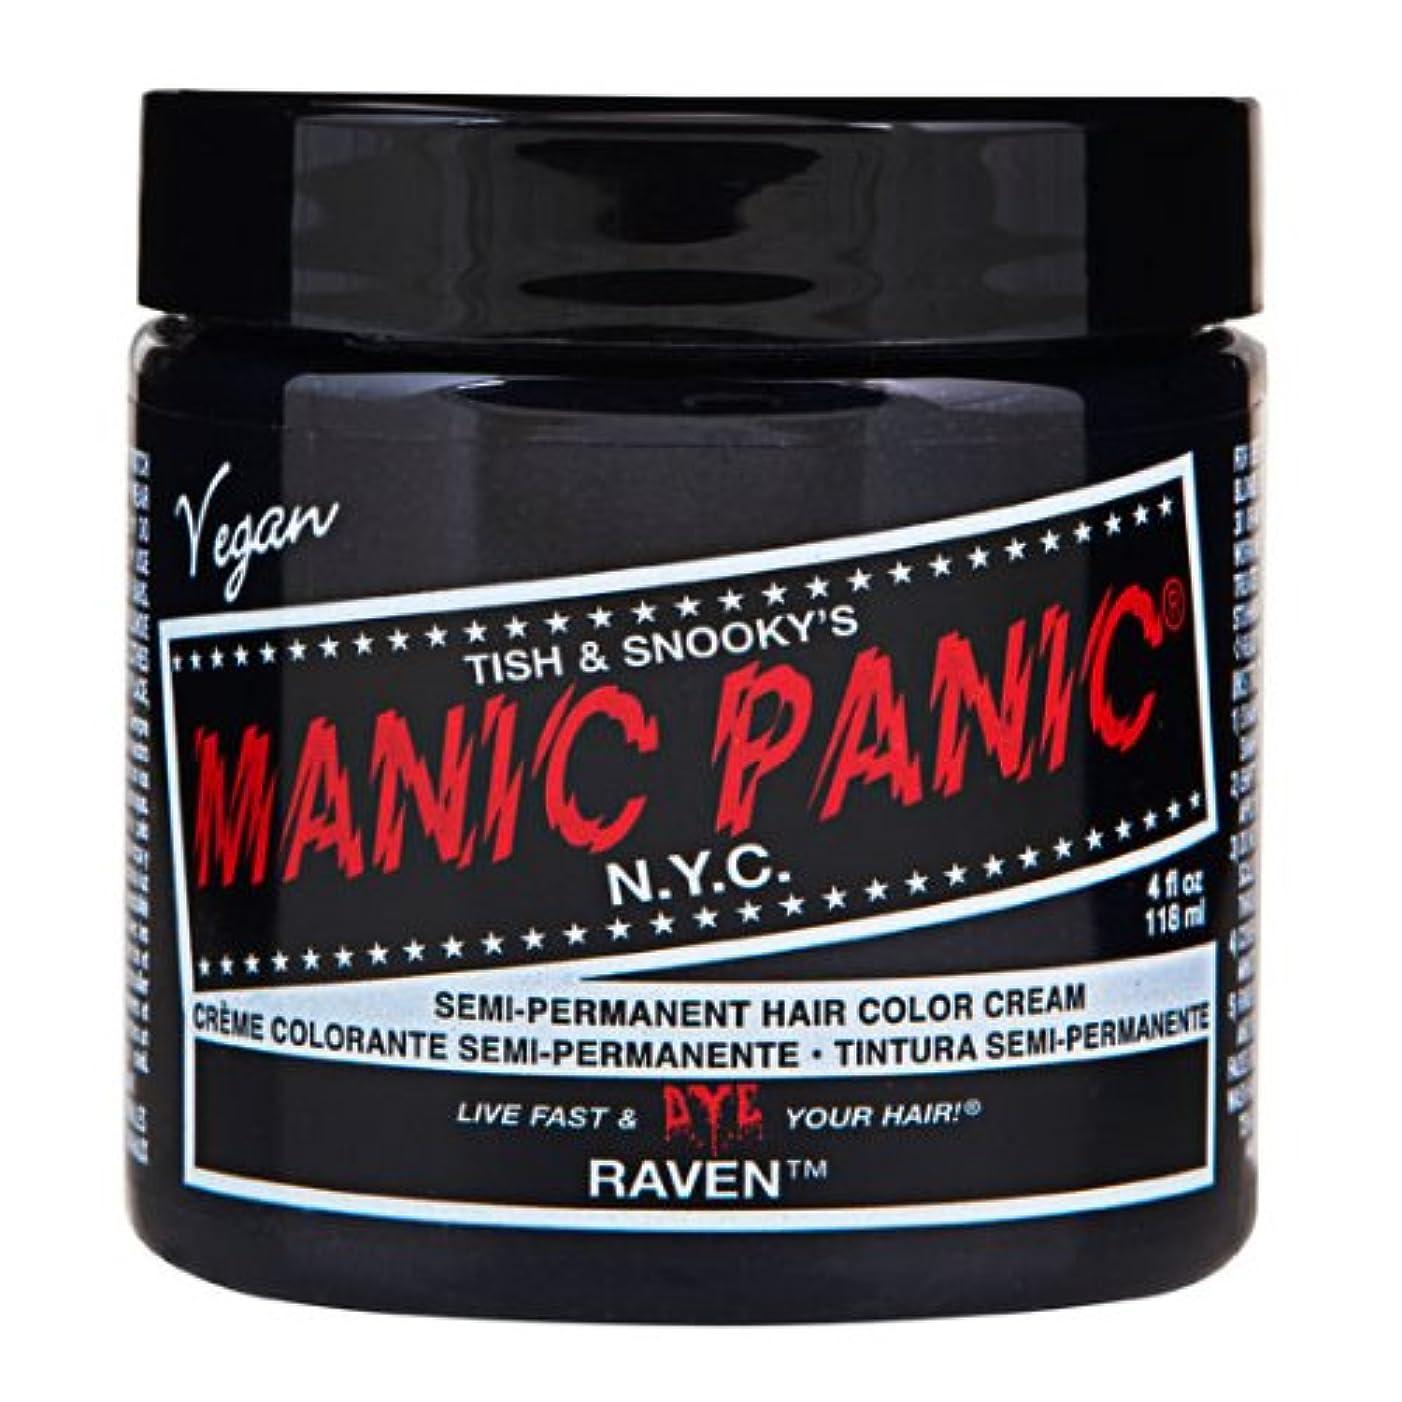 童謡うん民主主義マニックパニック MANIC PANIC ヘアカラー 118mlレイヴァン ヘアーカラー